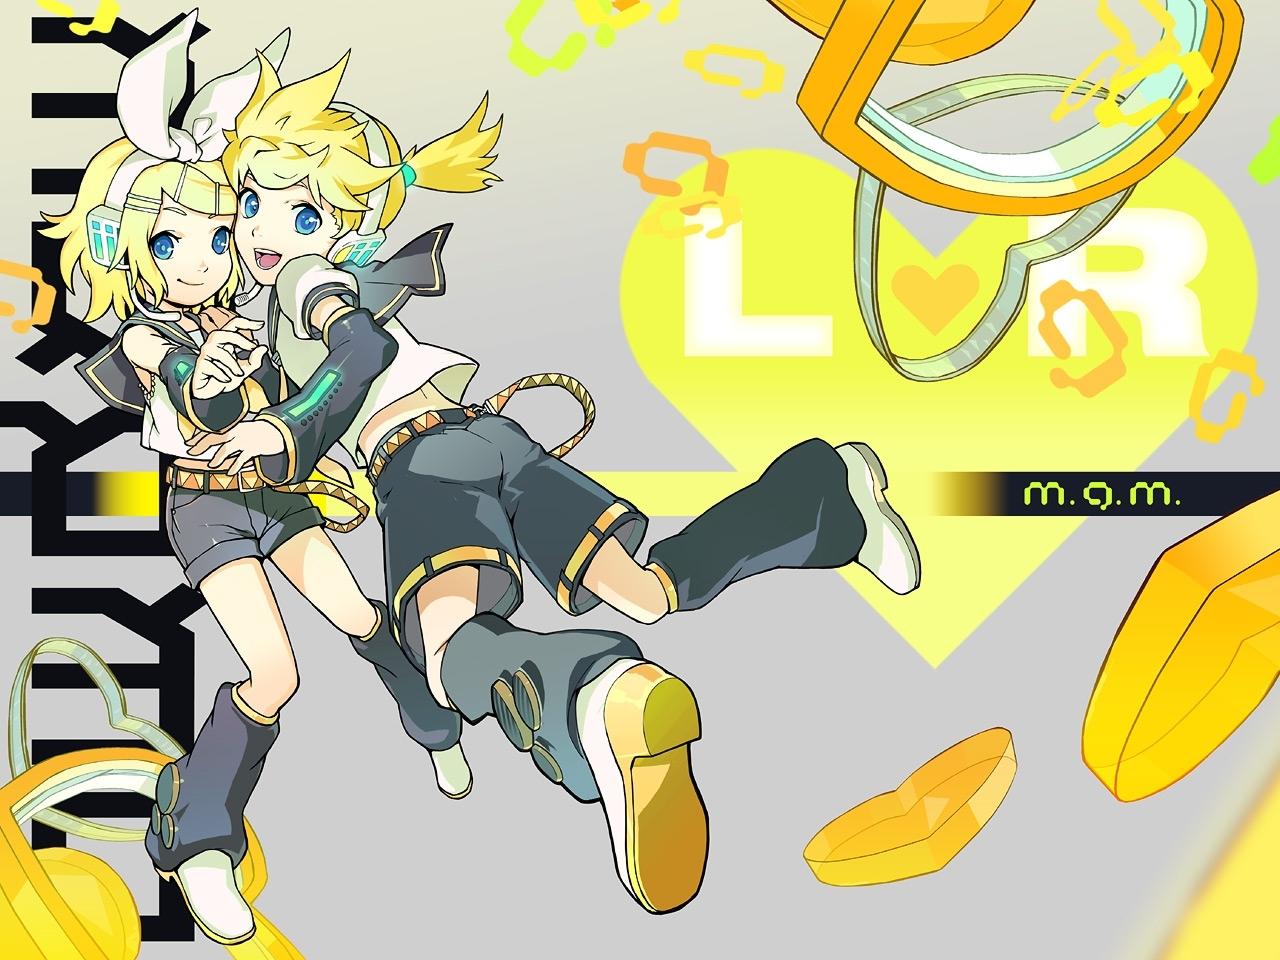 Descarga gratuita de fondo de pantalla para móvil de Música, Anime, Niños, Vocaloids.